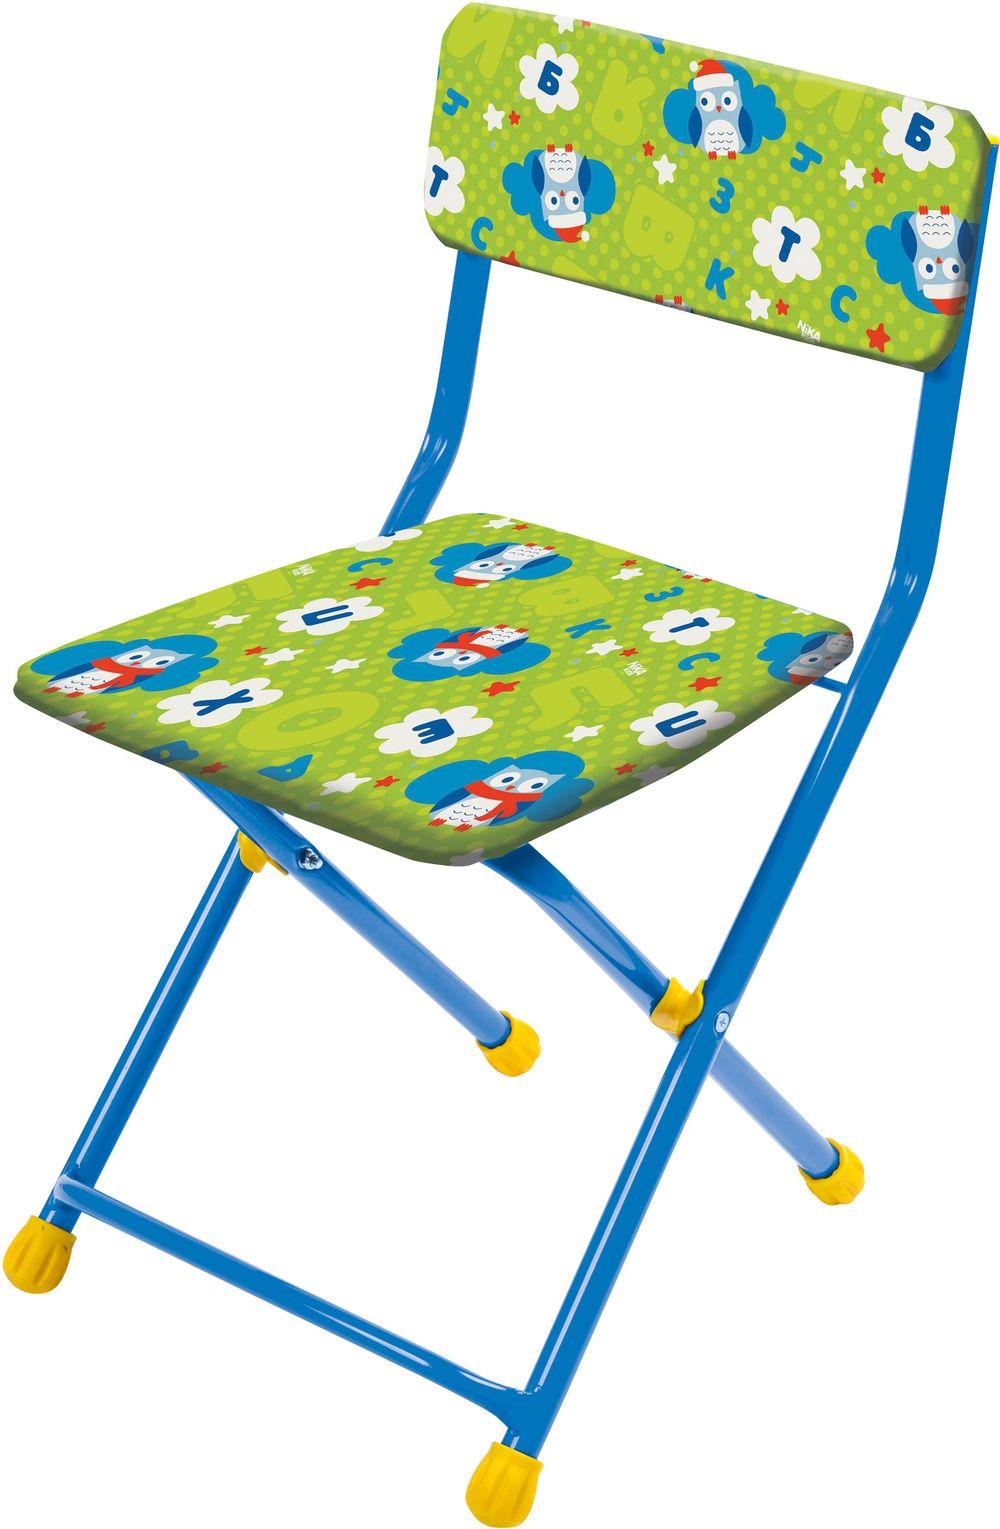 Стул детский складной мягкий из моющейся ткани, зеленый с совушкамиИгровые столы и стулья<br>Стул детский складной мягкий из моющейся ткани, зеленый с совушками<br>